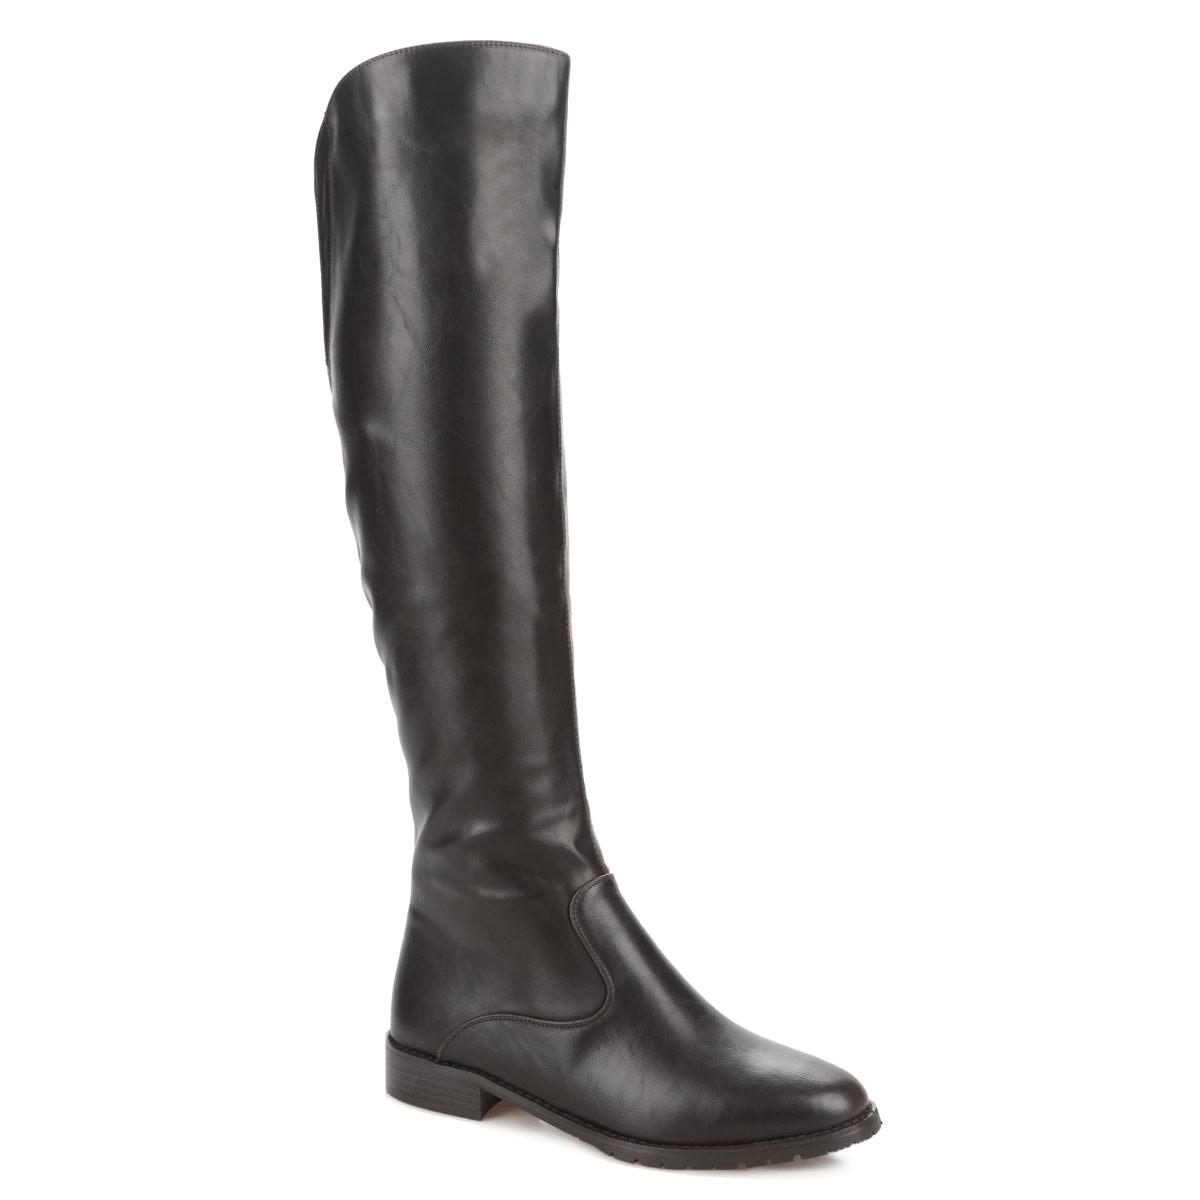 5429-01-18BКлассические сапоги от Inario займут достойное место среди вашей коллекции обуви! Модель изготовлена из мягкой искусственной кожи и оформлена вдоль ранта крупной прострочкой. Сапоги застегиваются на боковую застежку-молнию. Резинка, расположенная на задней поверхности голенища, гарантирует оптимальную посадку обуви на ноге. Мягкая подкладка и стелька из байки сохраняют тепло, обеспечивая максимальный комфорт при движении. Невысокий каблук устойчив. Подошва - с противоскользящим рифлением. Эффектные сапоги выделят вас среди окружающих!